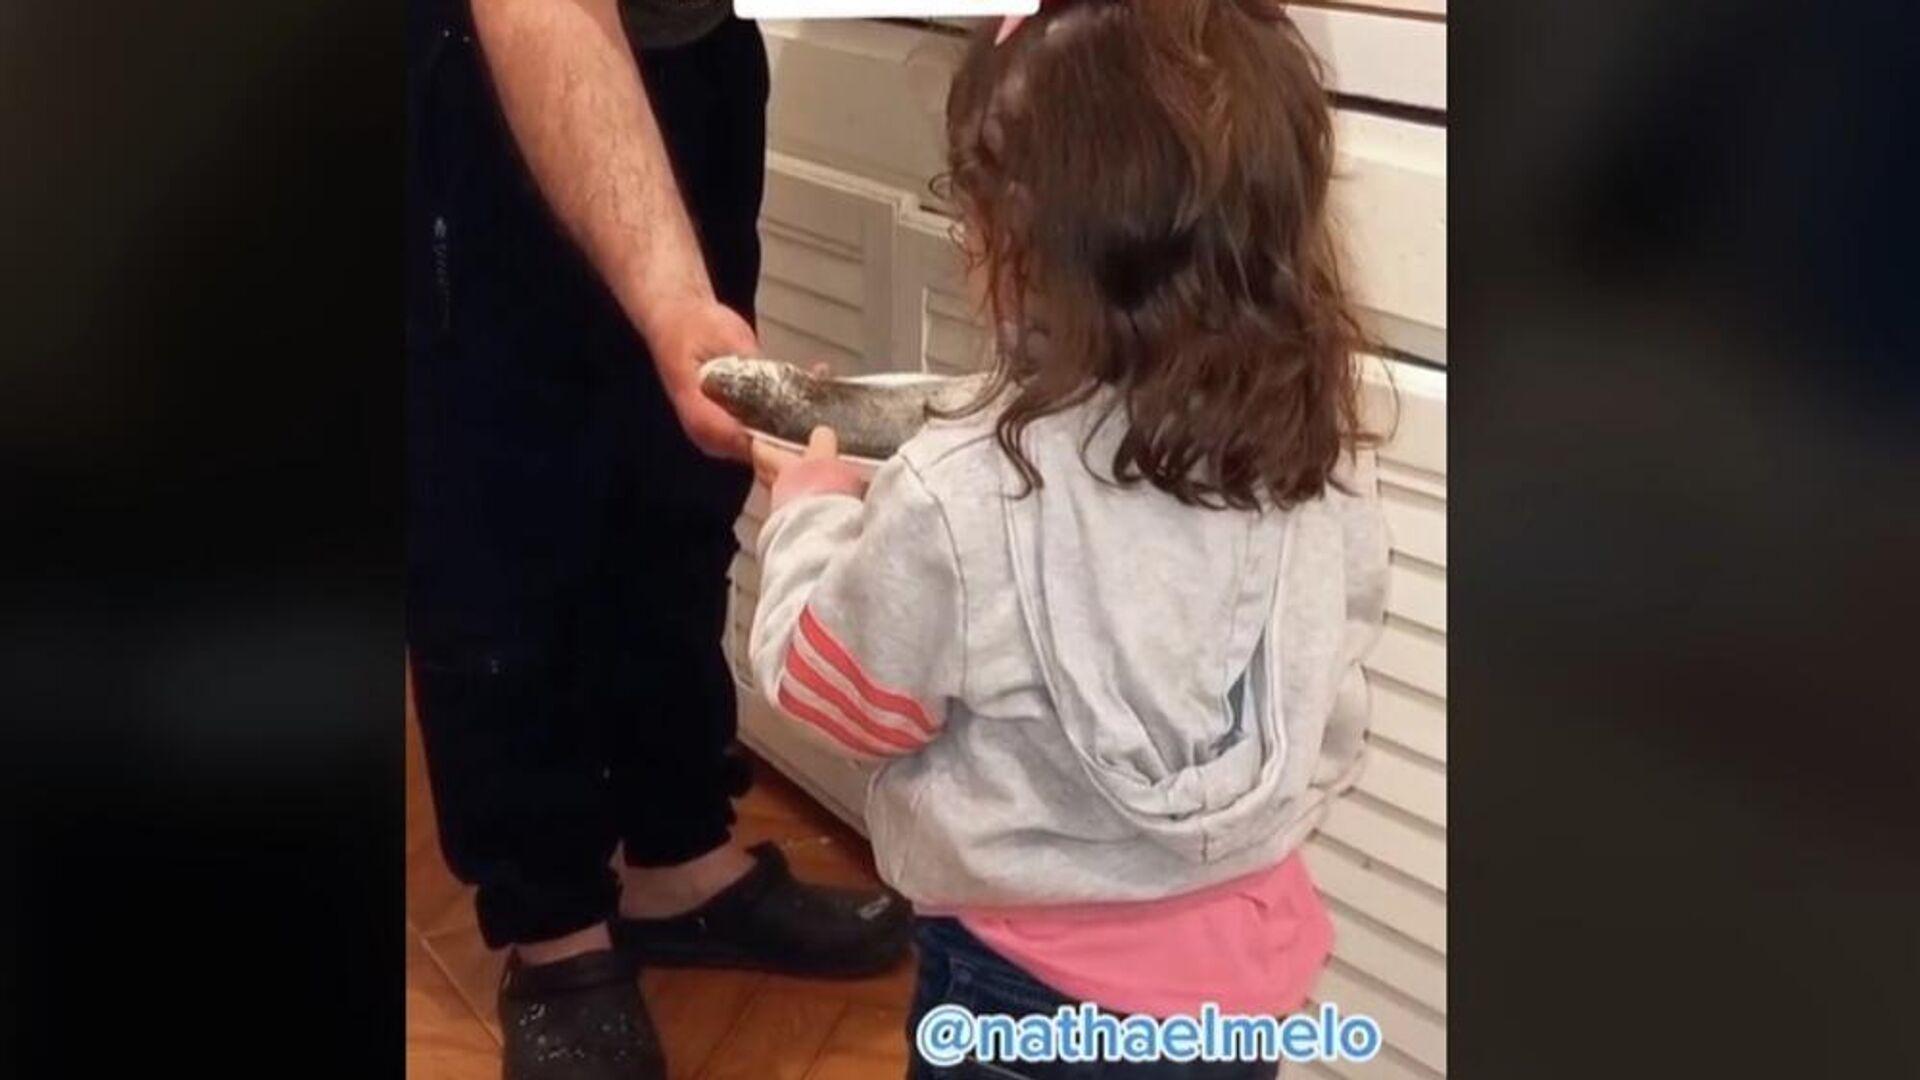 Κοριτσάκι ζητά από τον μπαμπά της ψάρι που είναι έτοιμο για το τηγάνι - Sputnik Ελλάδα, 1920, 07.10.2021